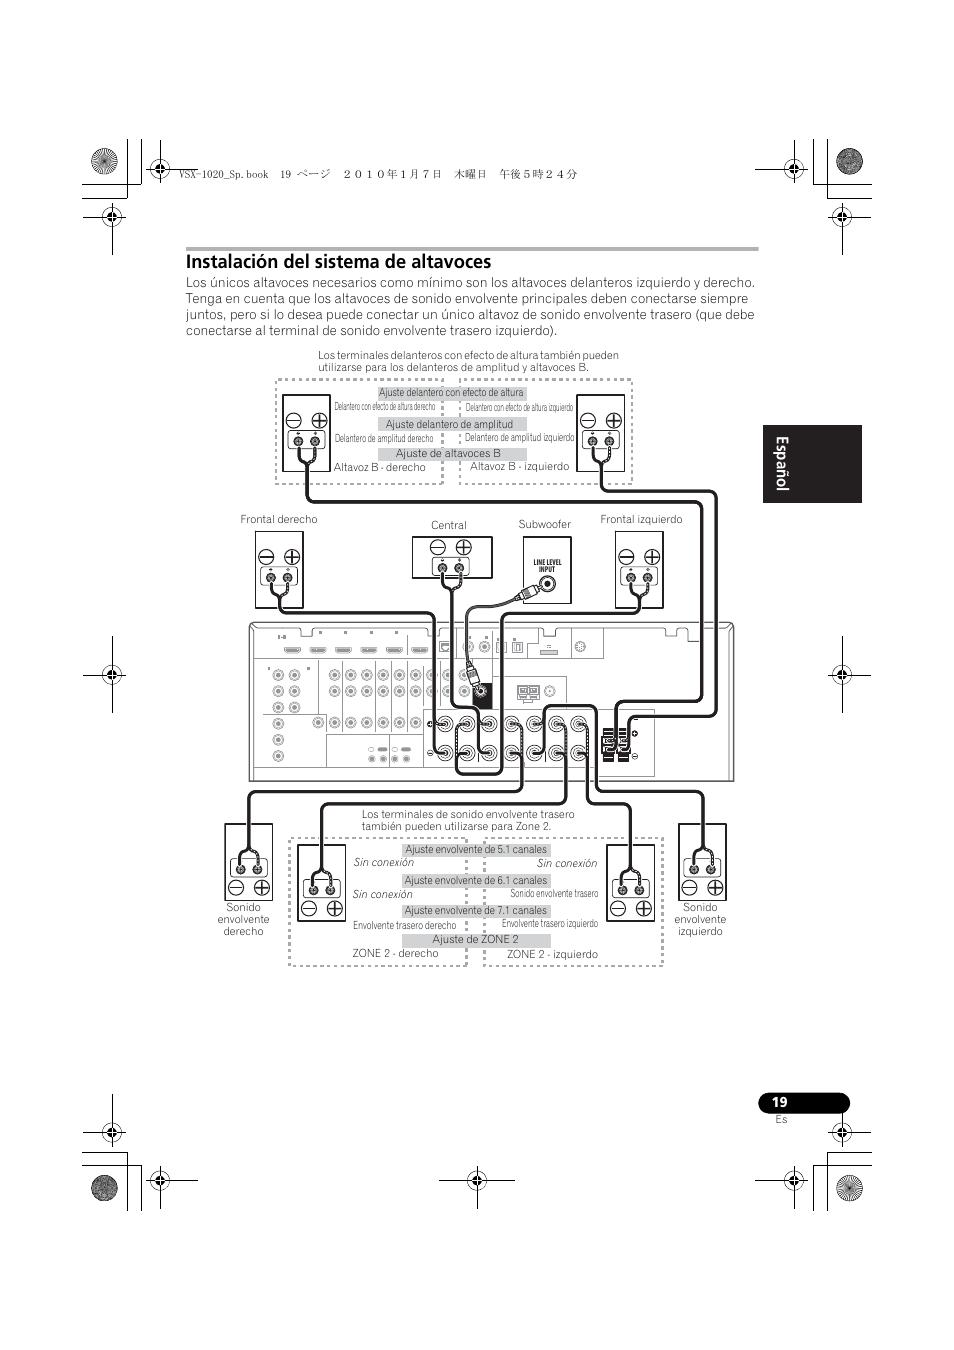 Instalación del sistema de altavoces, English español